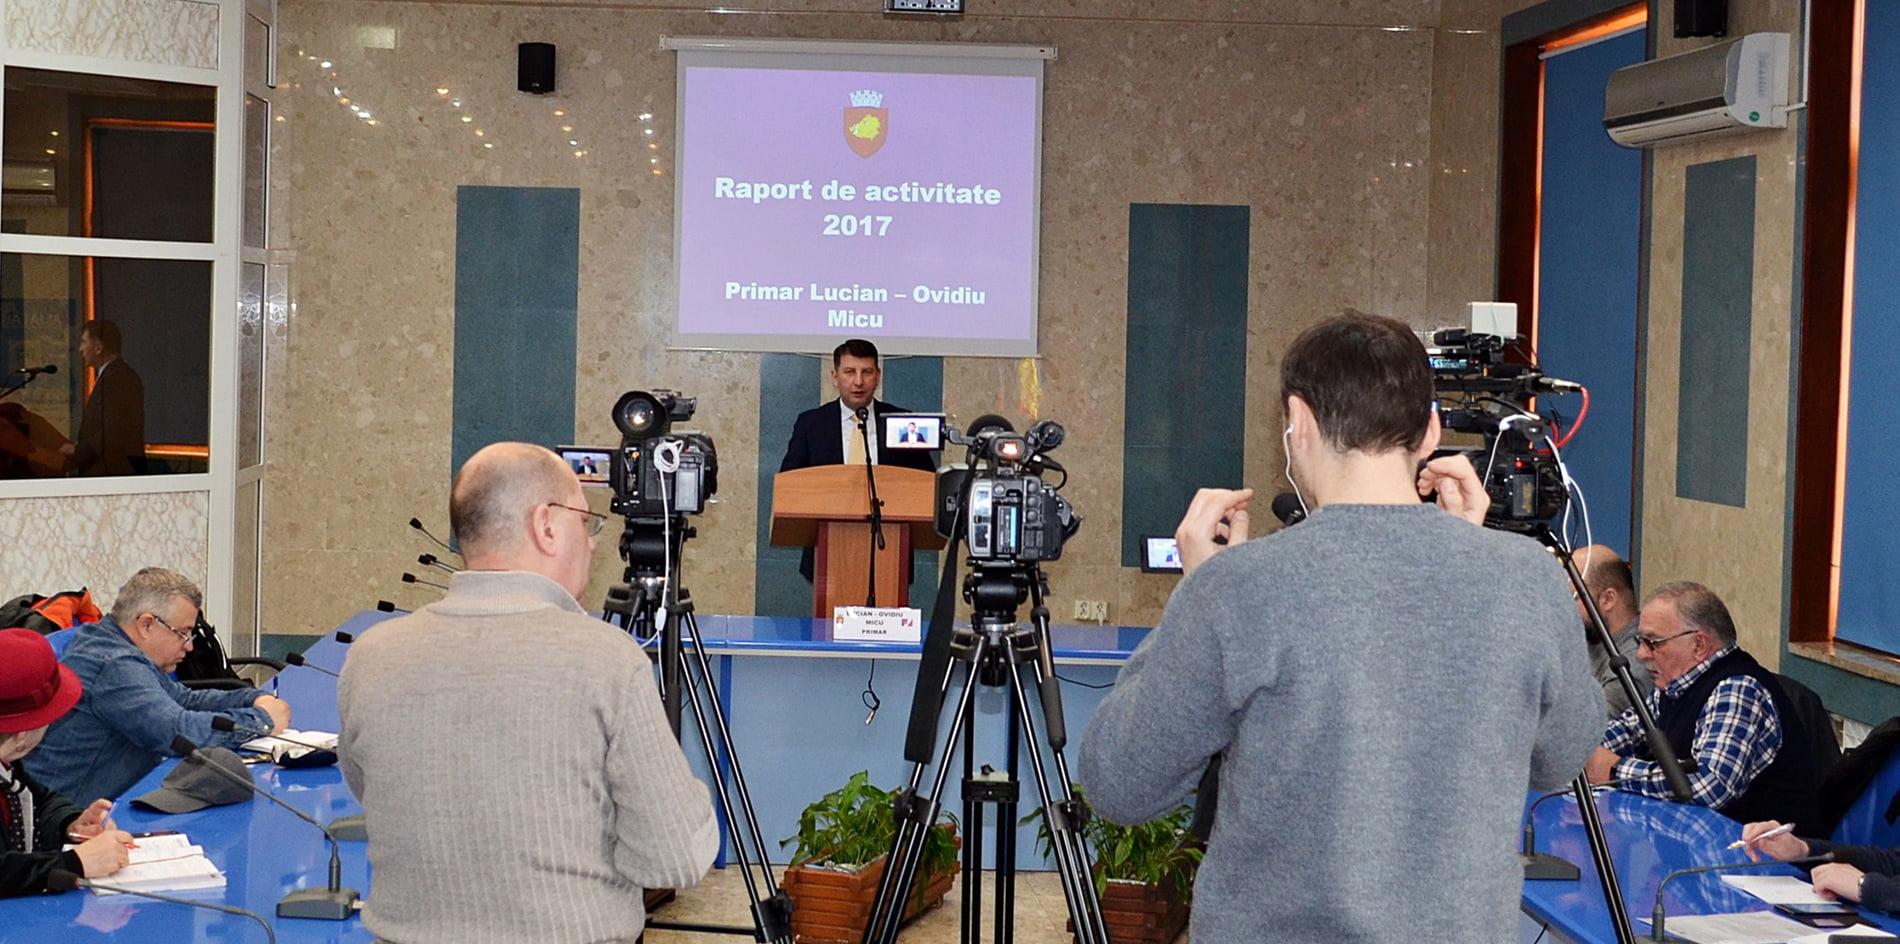 Primarul Lucian Micu a prezentat raportul de activitate la un an de mandat